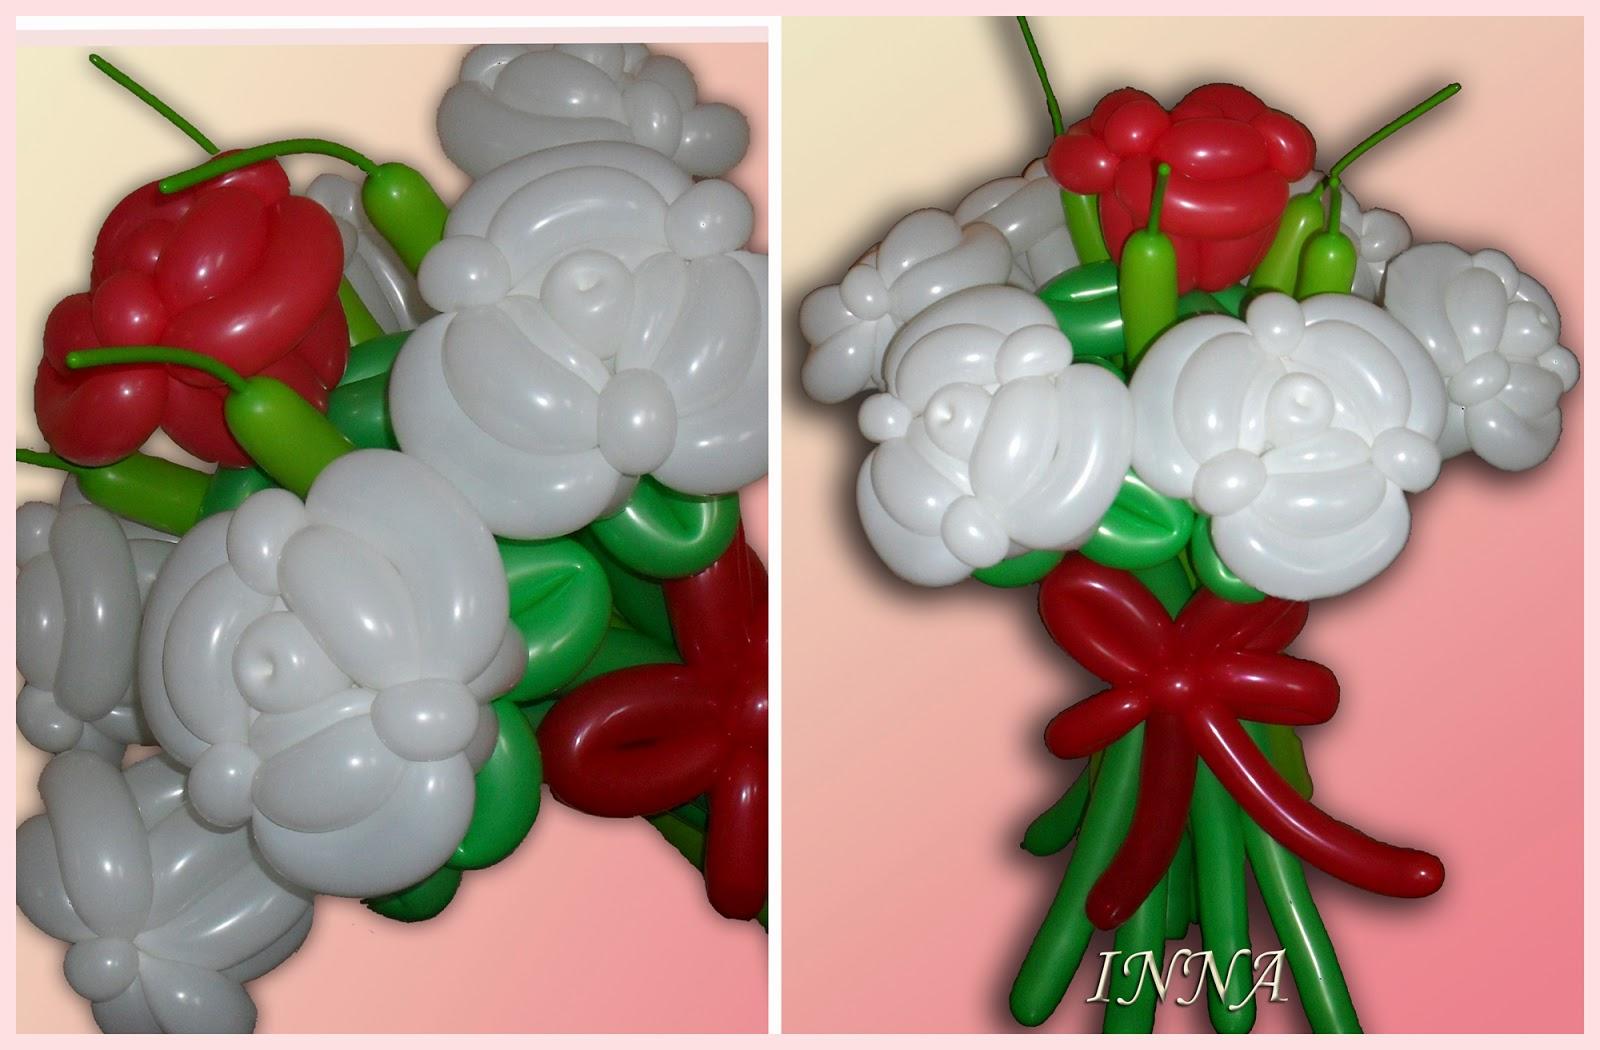 Цветы из воздушных шаров своими руками как делать 5